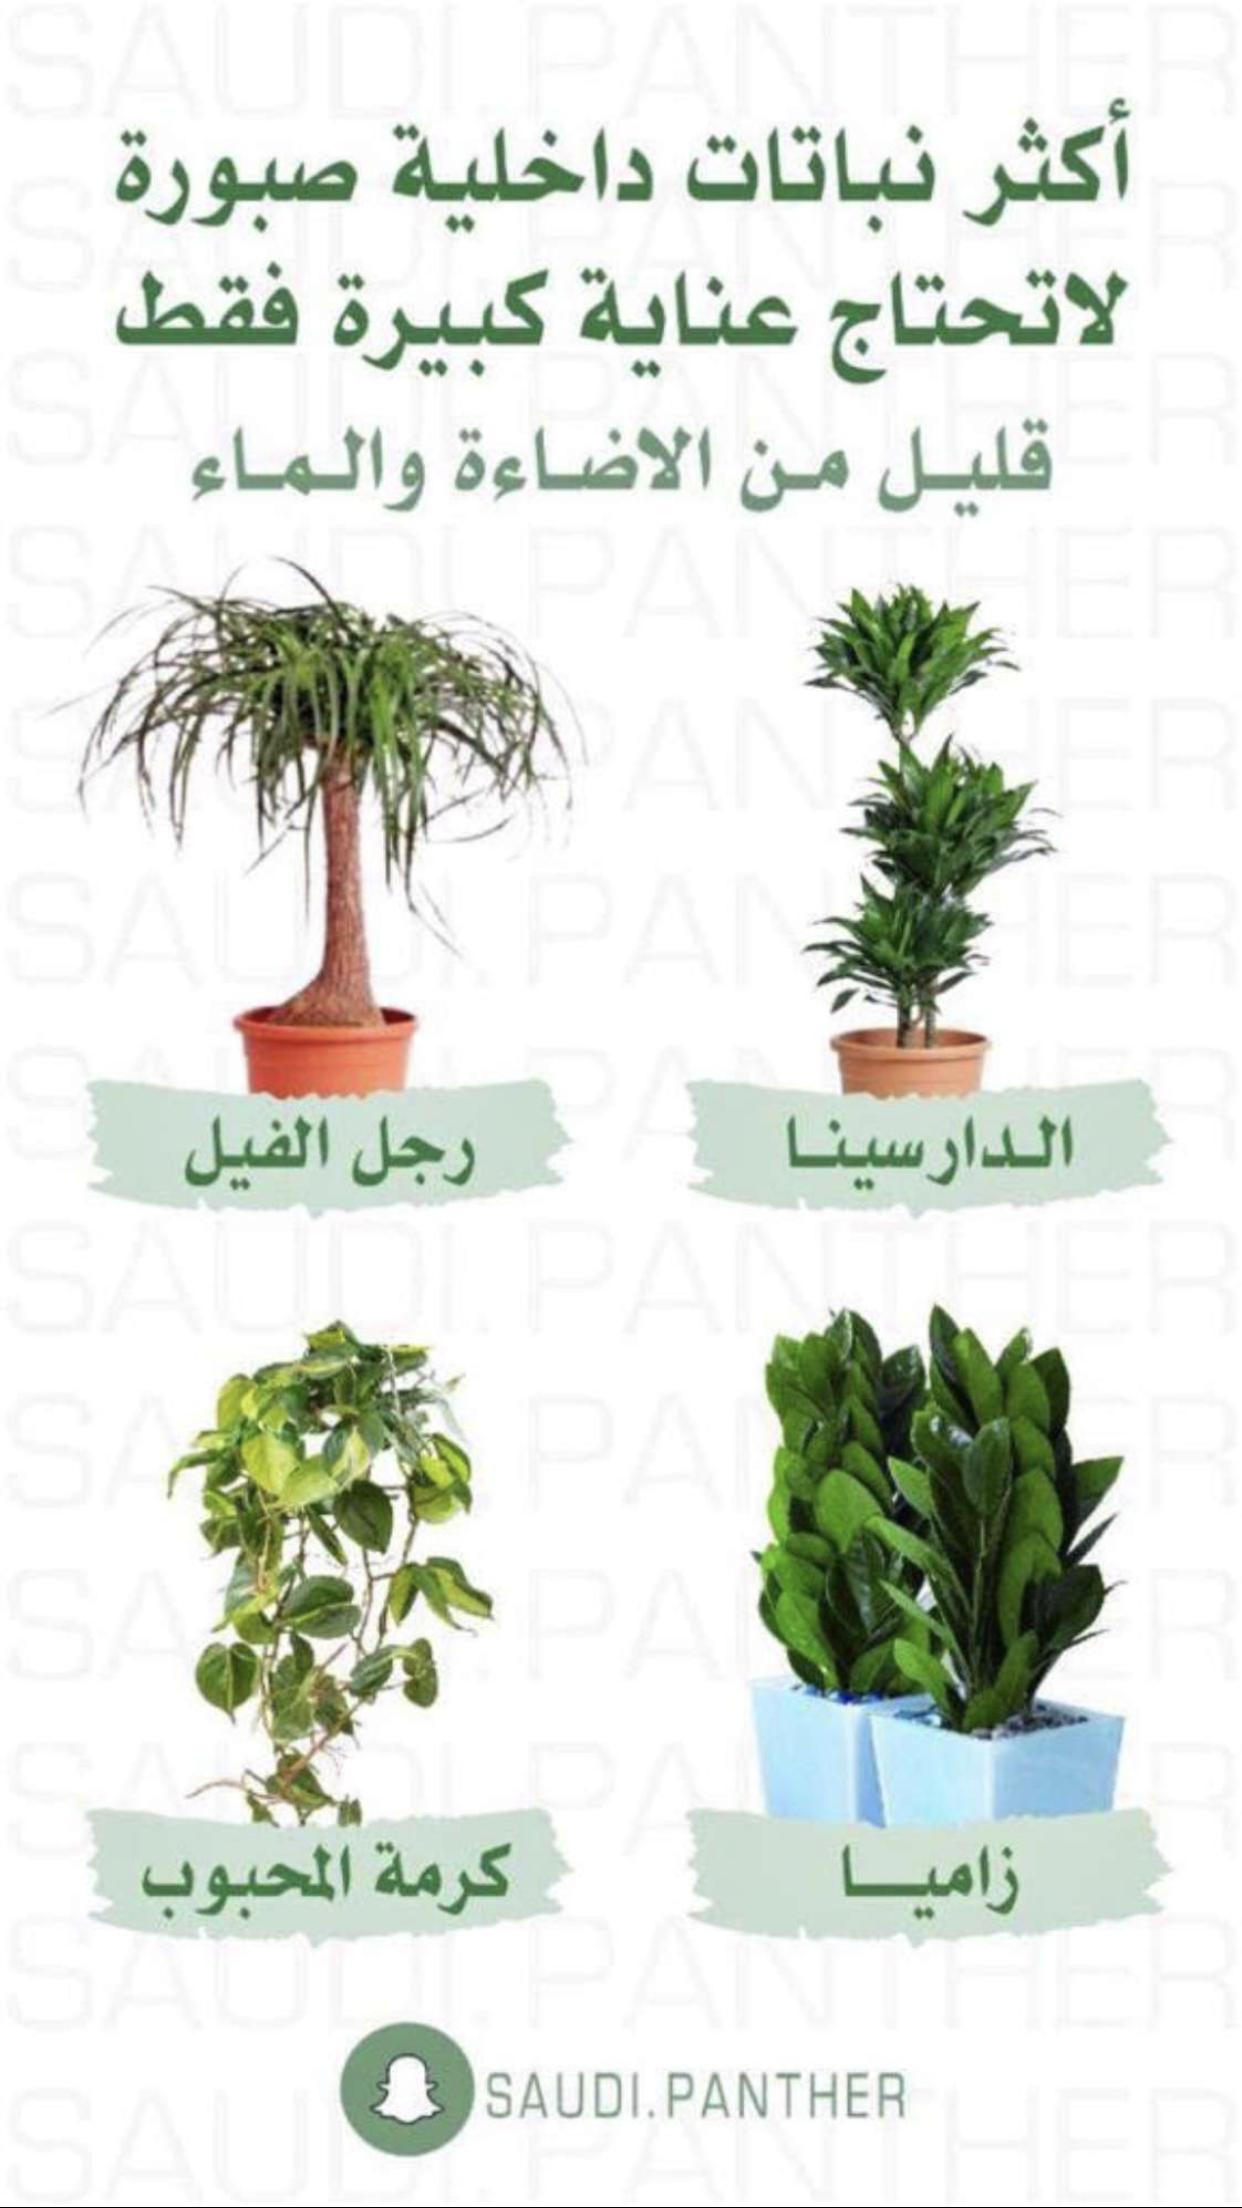 نباتات منزلية لا تحتاج الى عناية كبيرة Outdoor Flower Planters Indoor Plants House Plants Decor